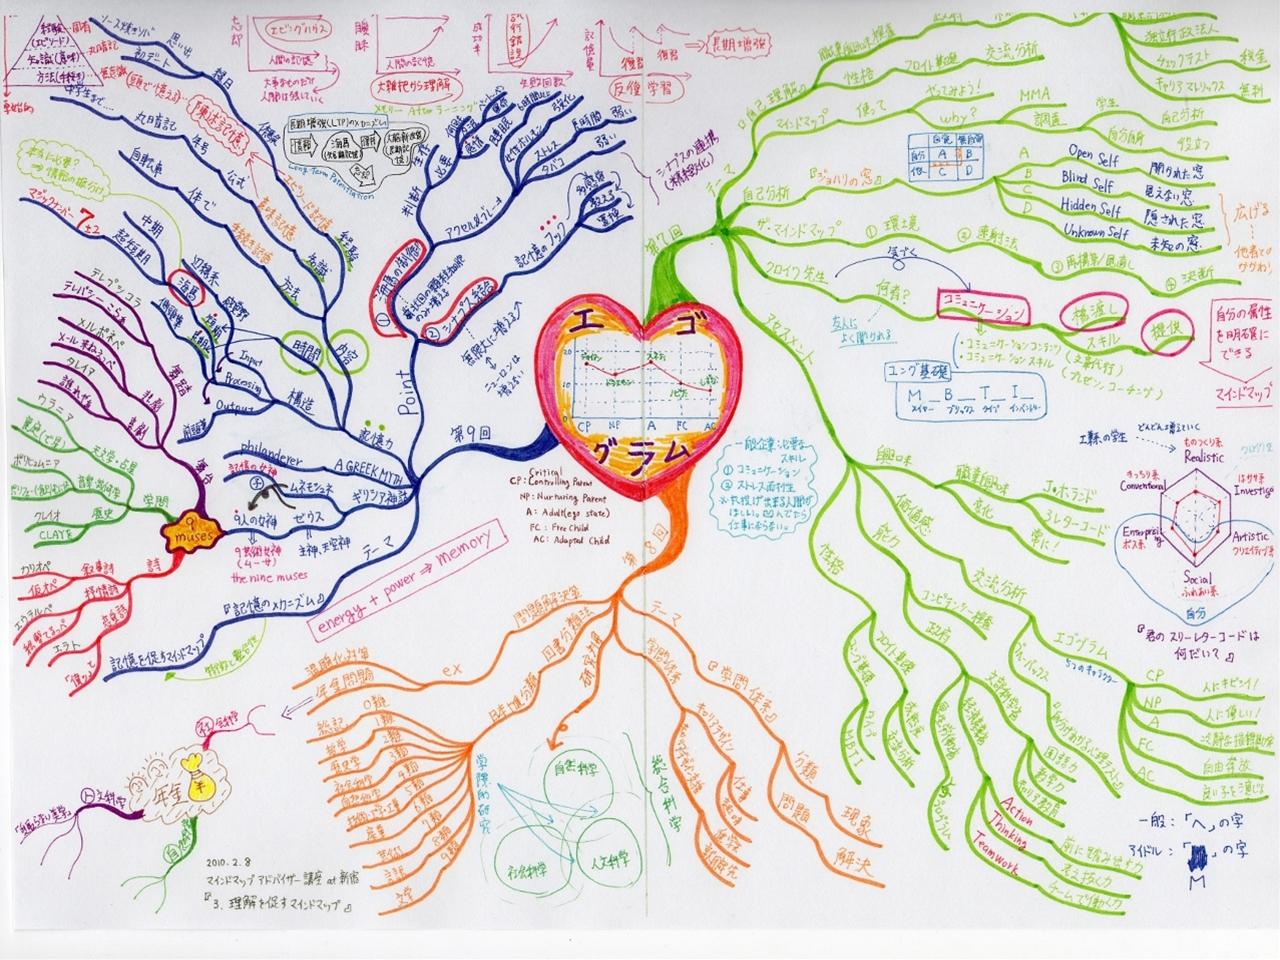 マインドマップアドバイザー講座 at 新宿 『3.理解を促すマインドマップ』